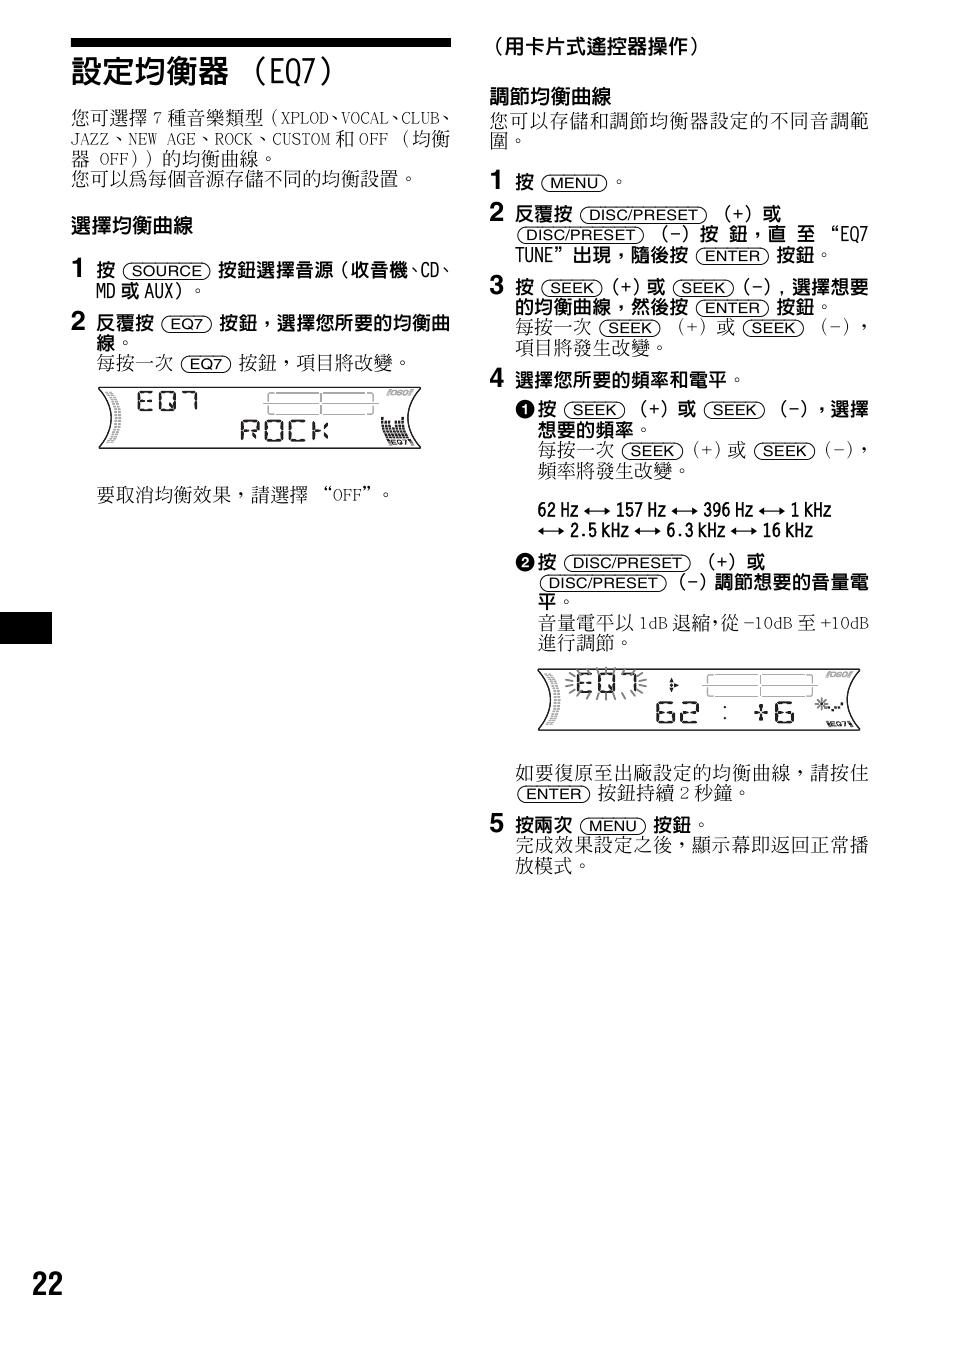 Sony Xplod Cdx F5700 Wiring Diagram Reinvent Your Fw700 Eq7 22 User Rh Manualsdir Com F5710 Deck